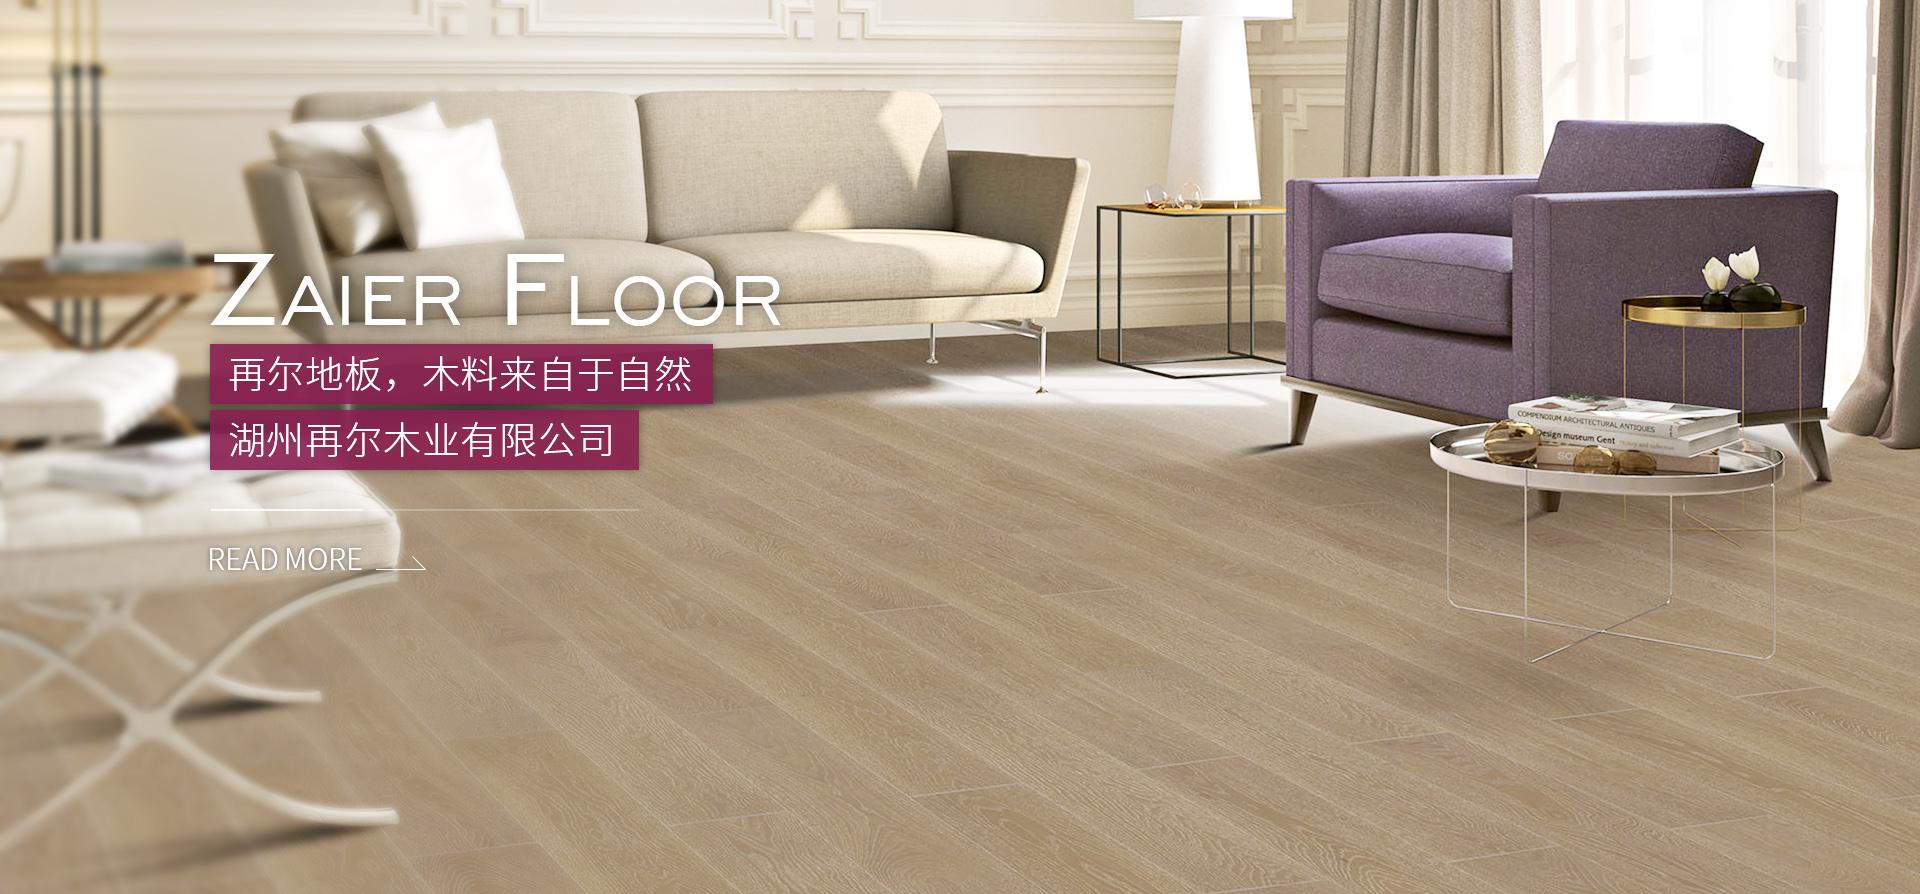 木地板加盟,地板招商加盟,木地板加盟招商